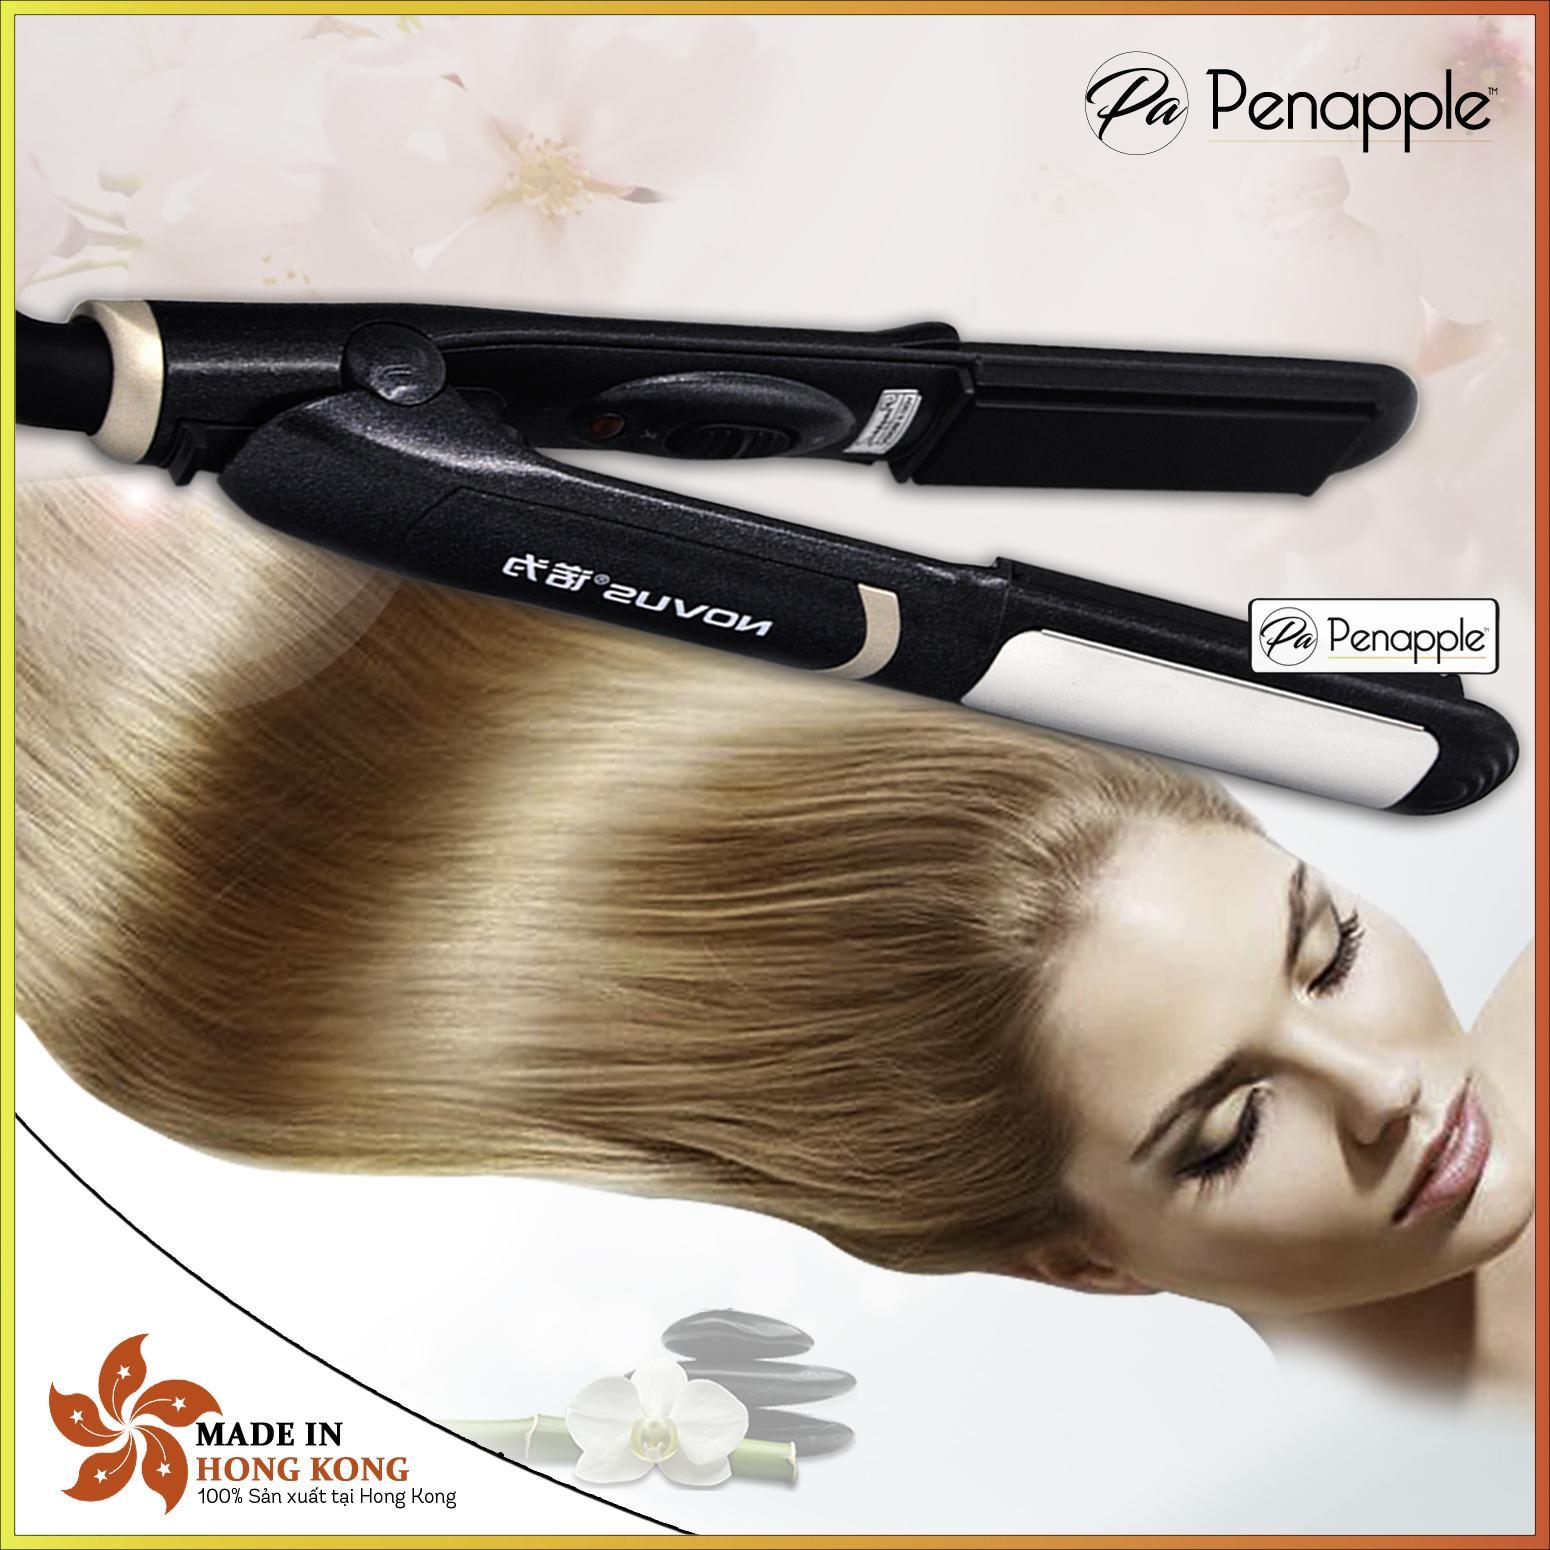 Máy uốn duỗi tóc đa dụng + Tặng (lược,kẹp tóc,miếng dán tóc) - sản xuất tại Hồng Kông nhập khẩu